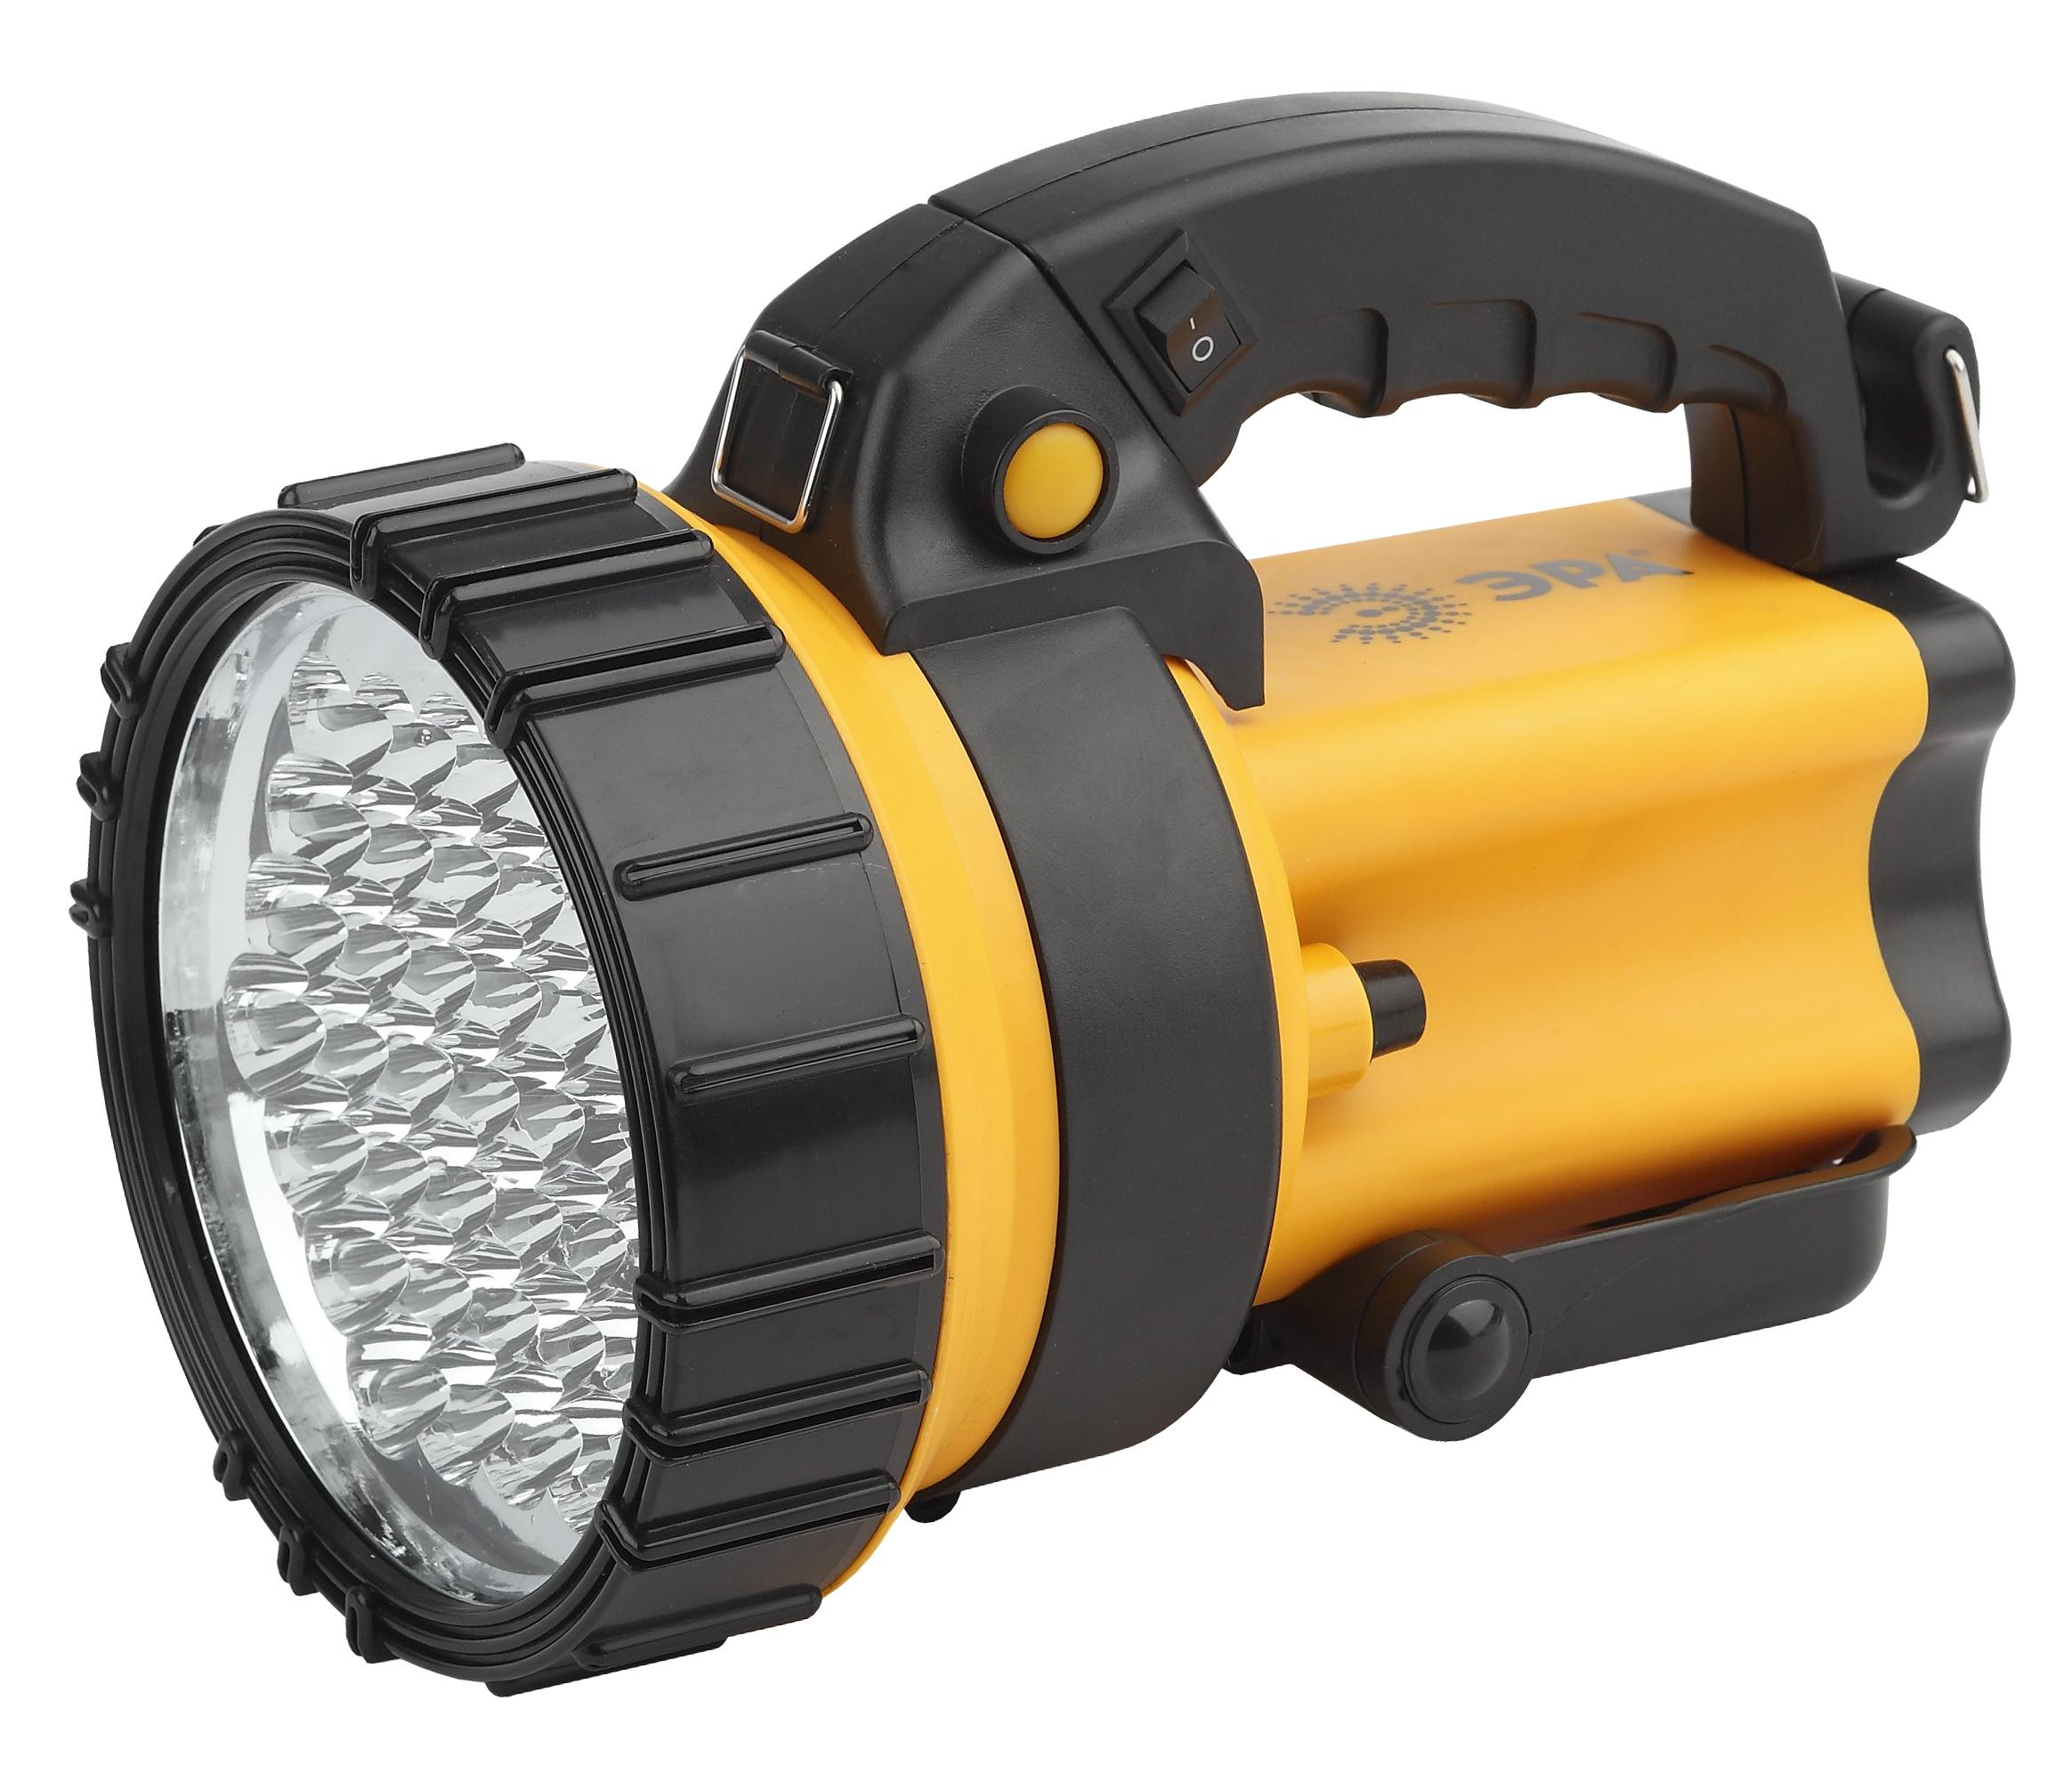 Туристический фонарь Эра Альфа PA-603 черный/оранжевый, 2 режима